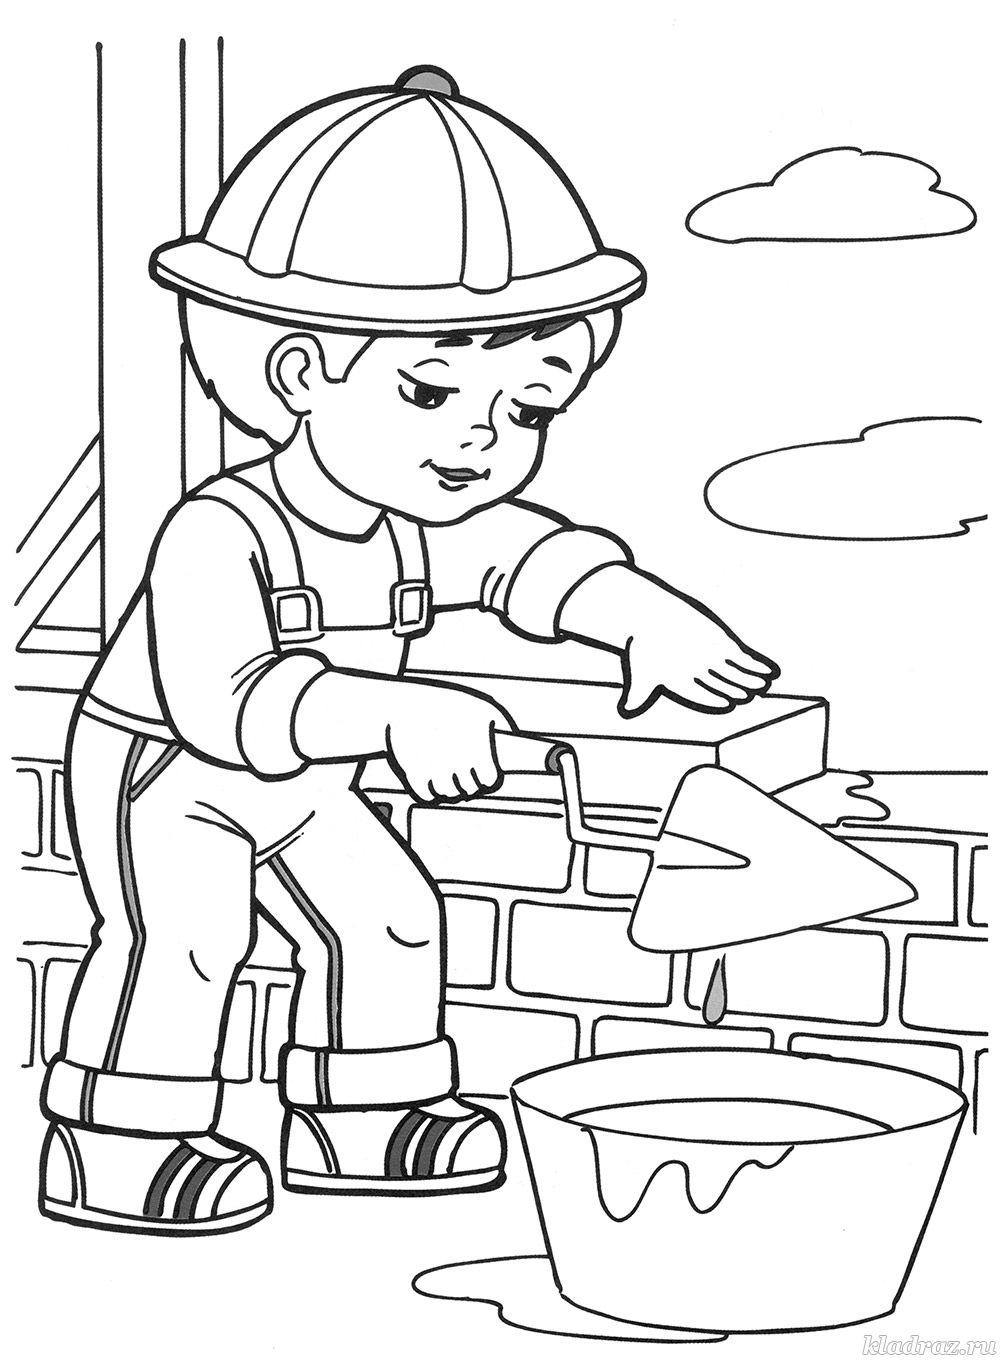 Раскраска для детей 5-7 лет. Профессия каменщик